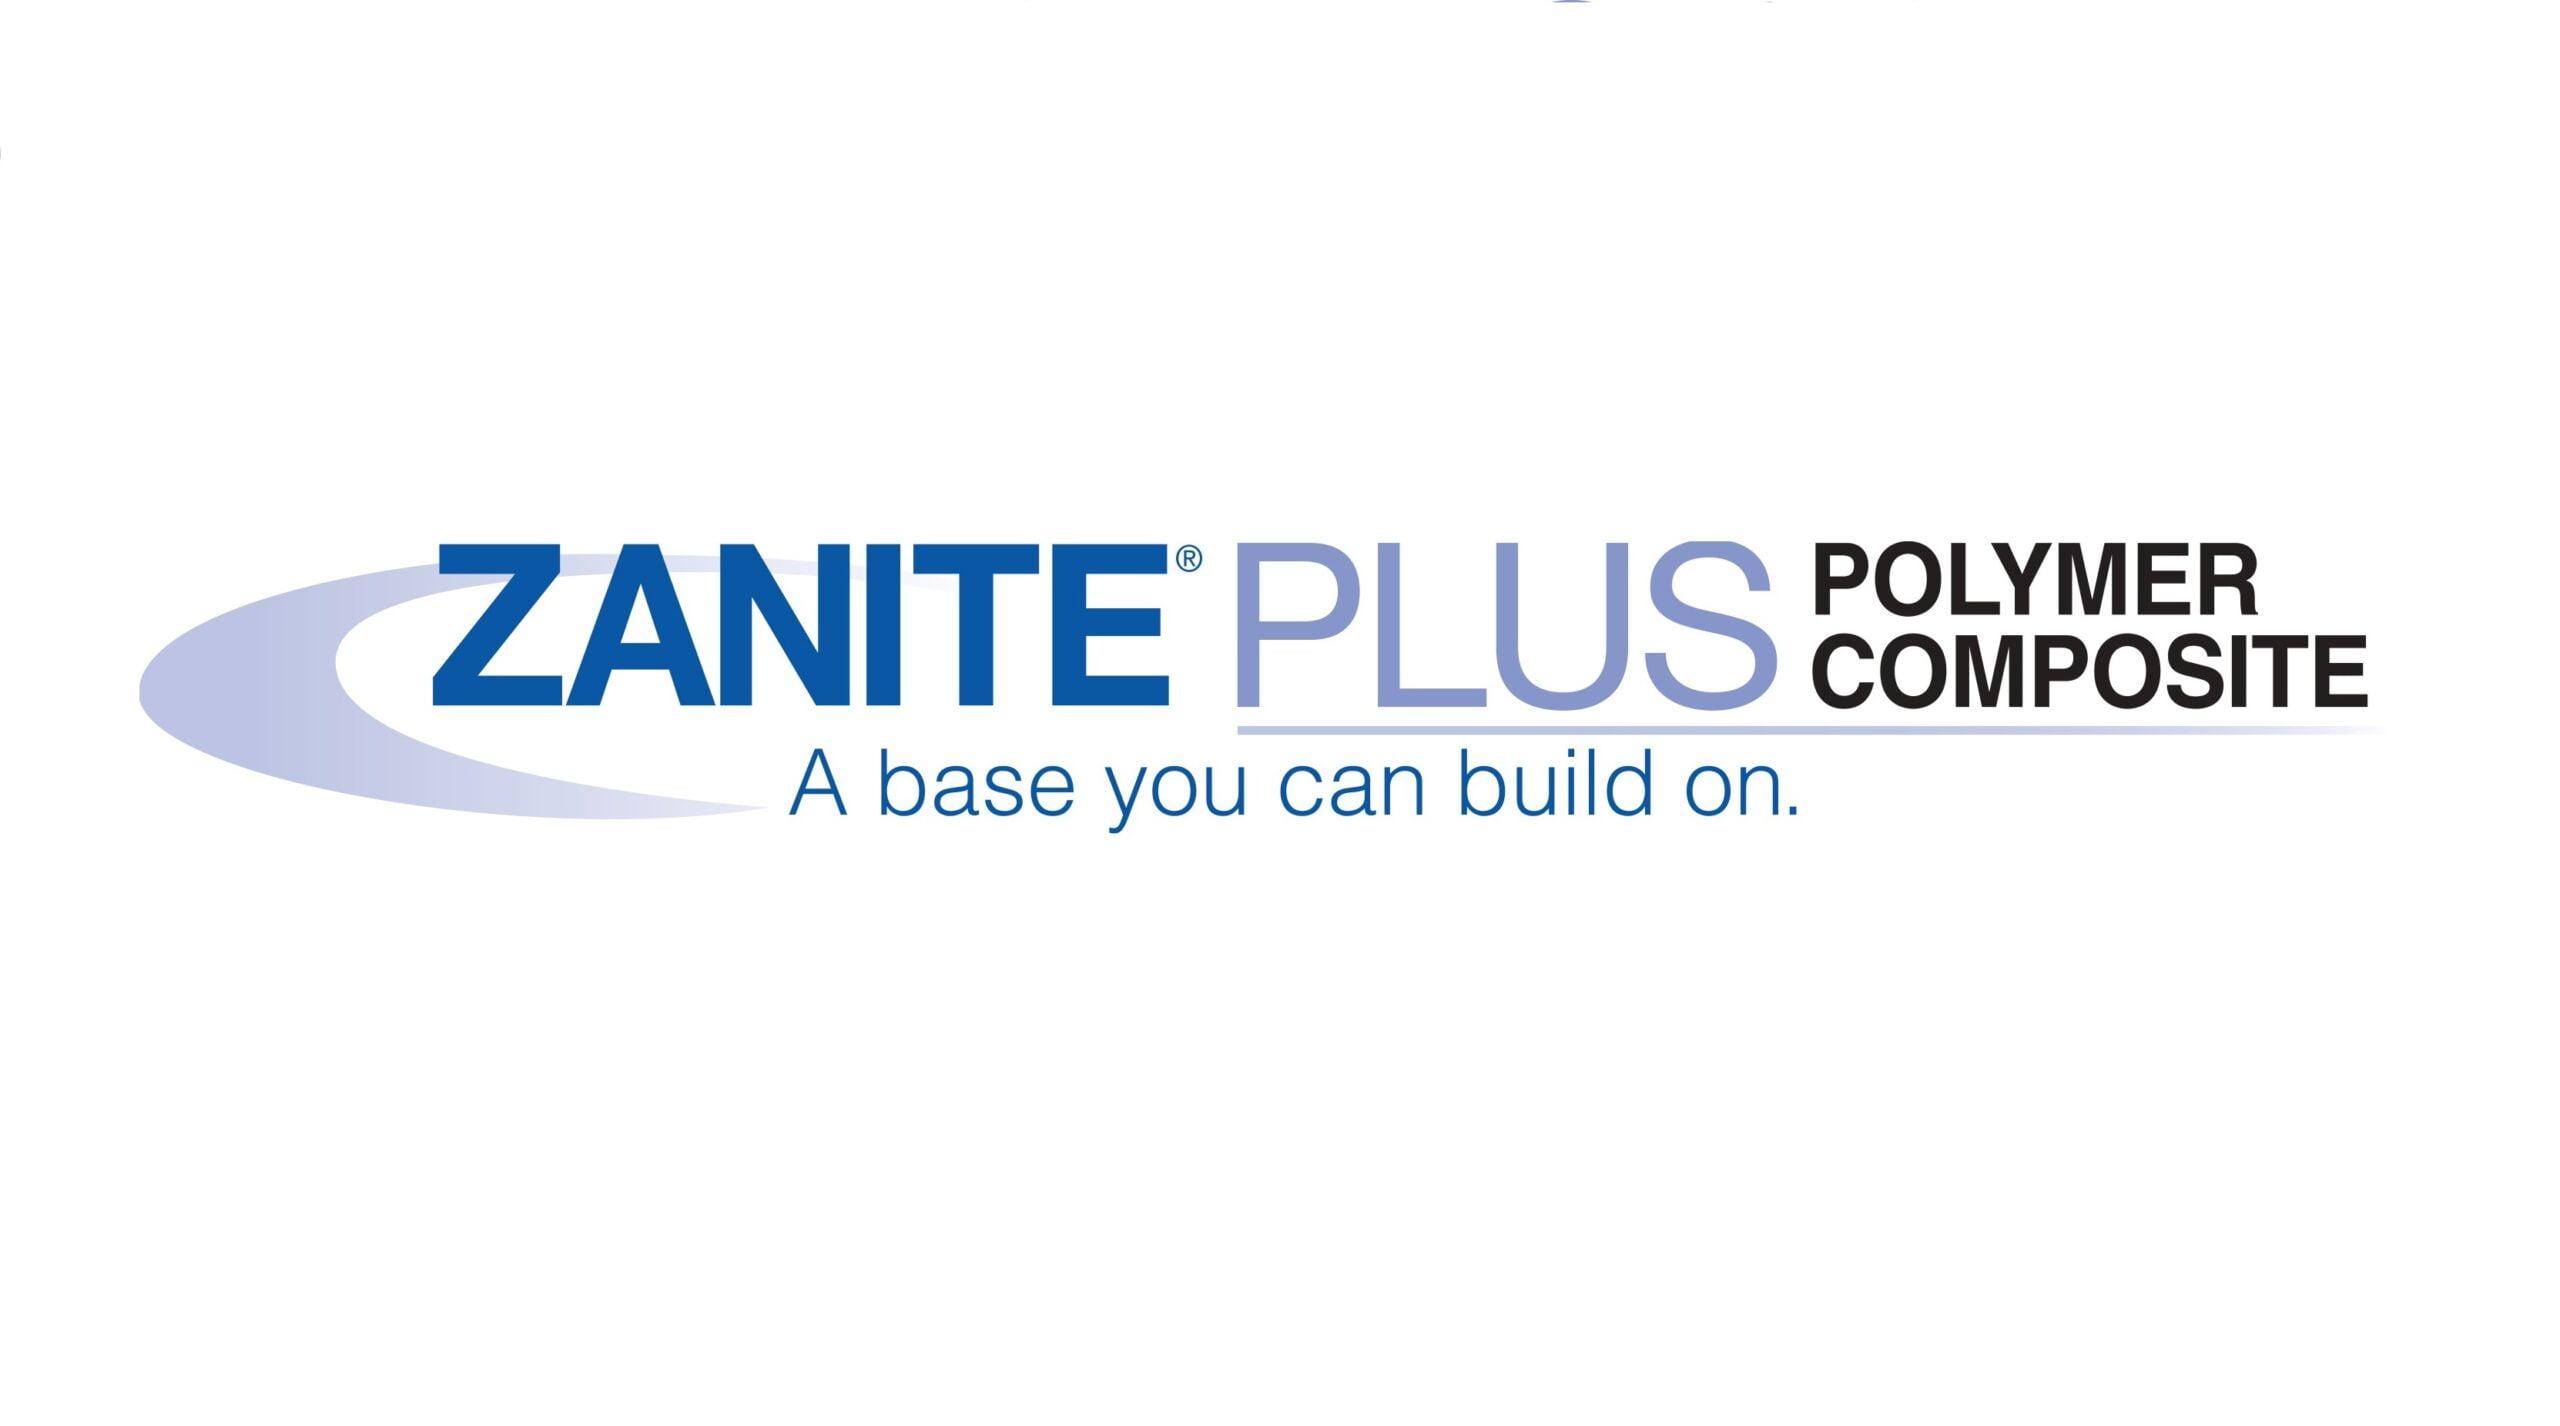 Zanite Plus Logo - Square Format